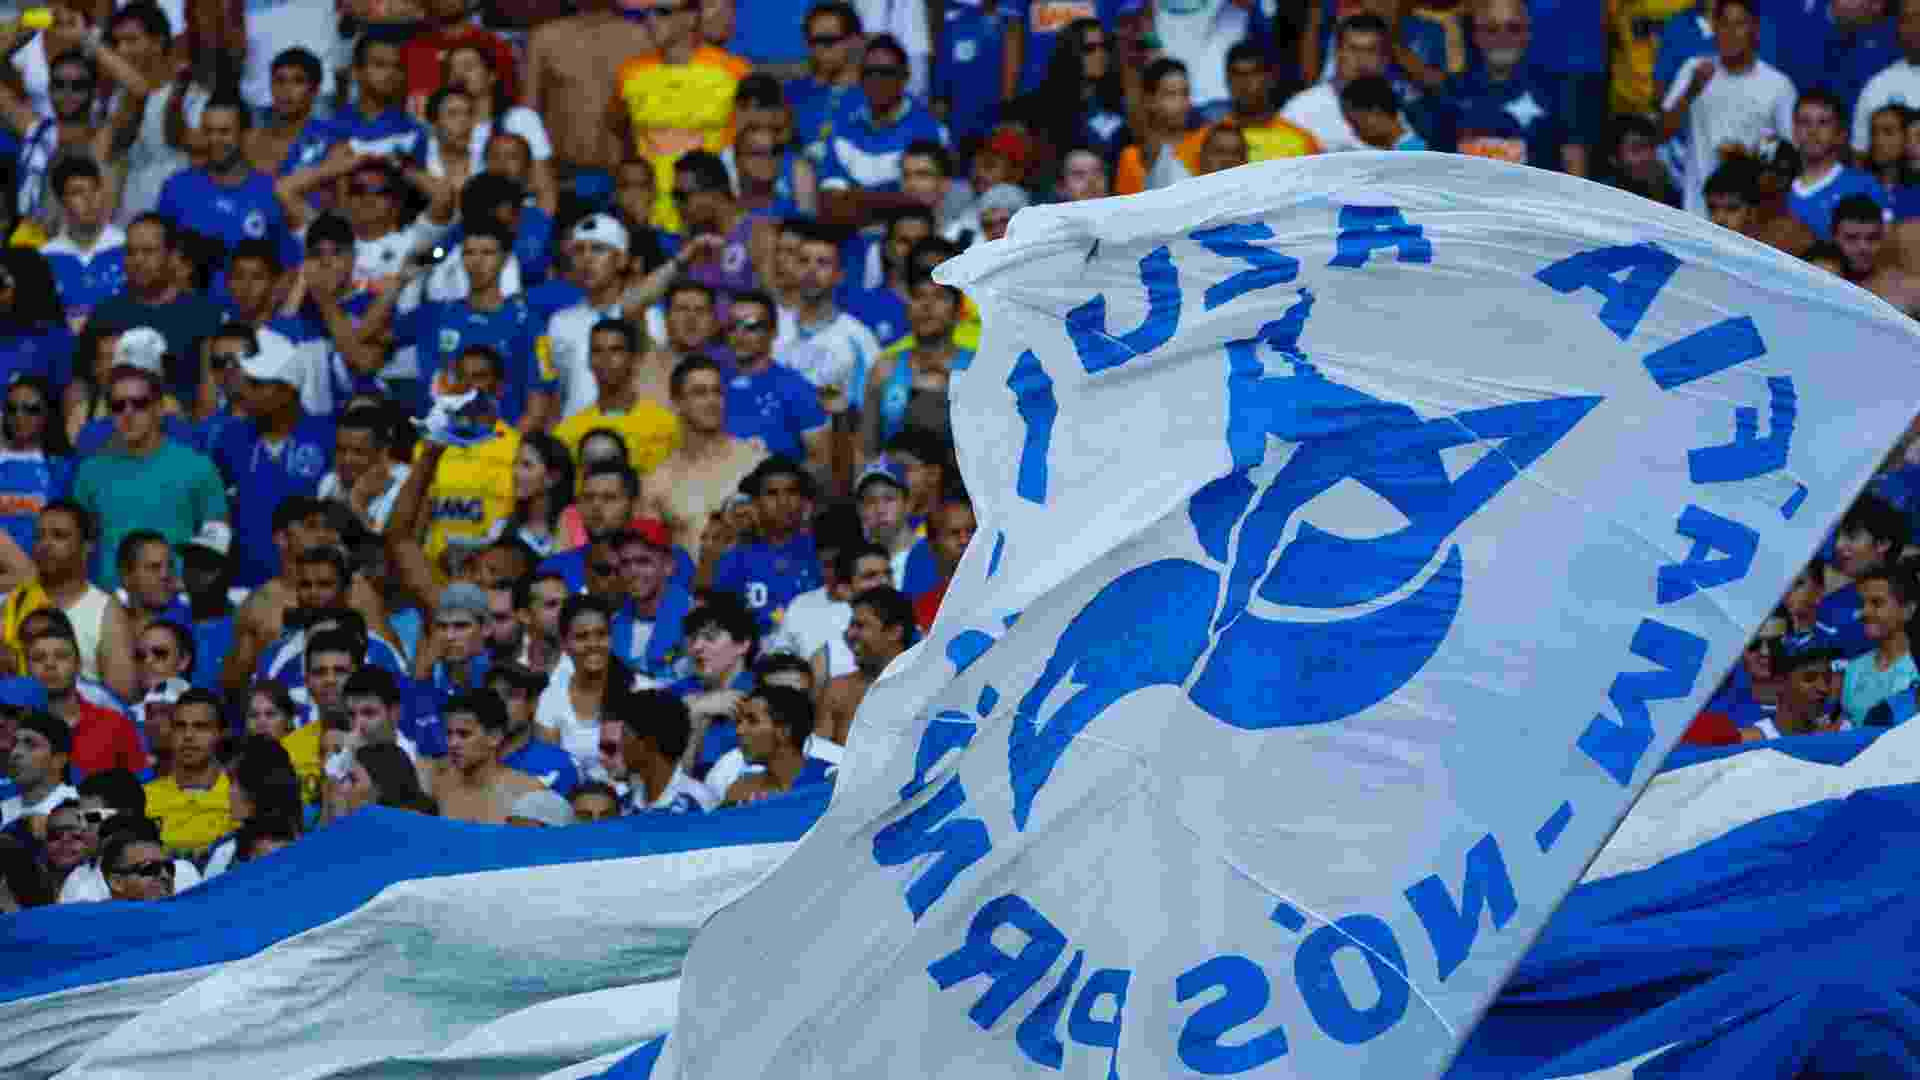 Torcida cruzeirense comemora os 2 a 0 feito no primeiro tempo do clássico - Marcus Desimoni/UOL